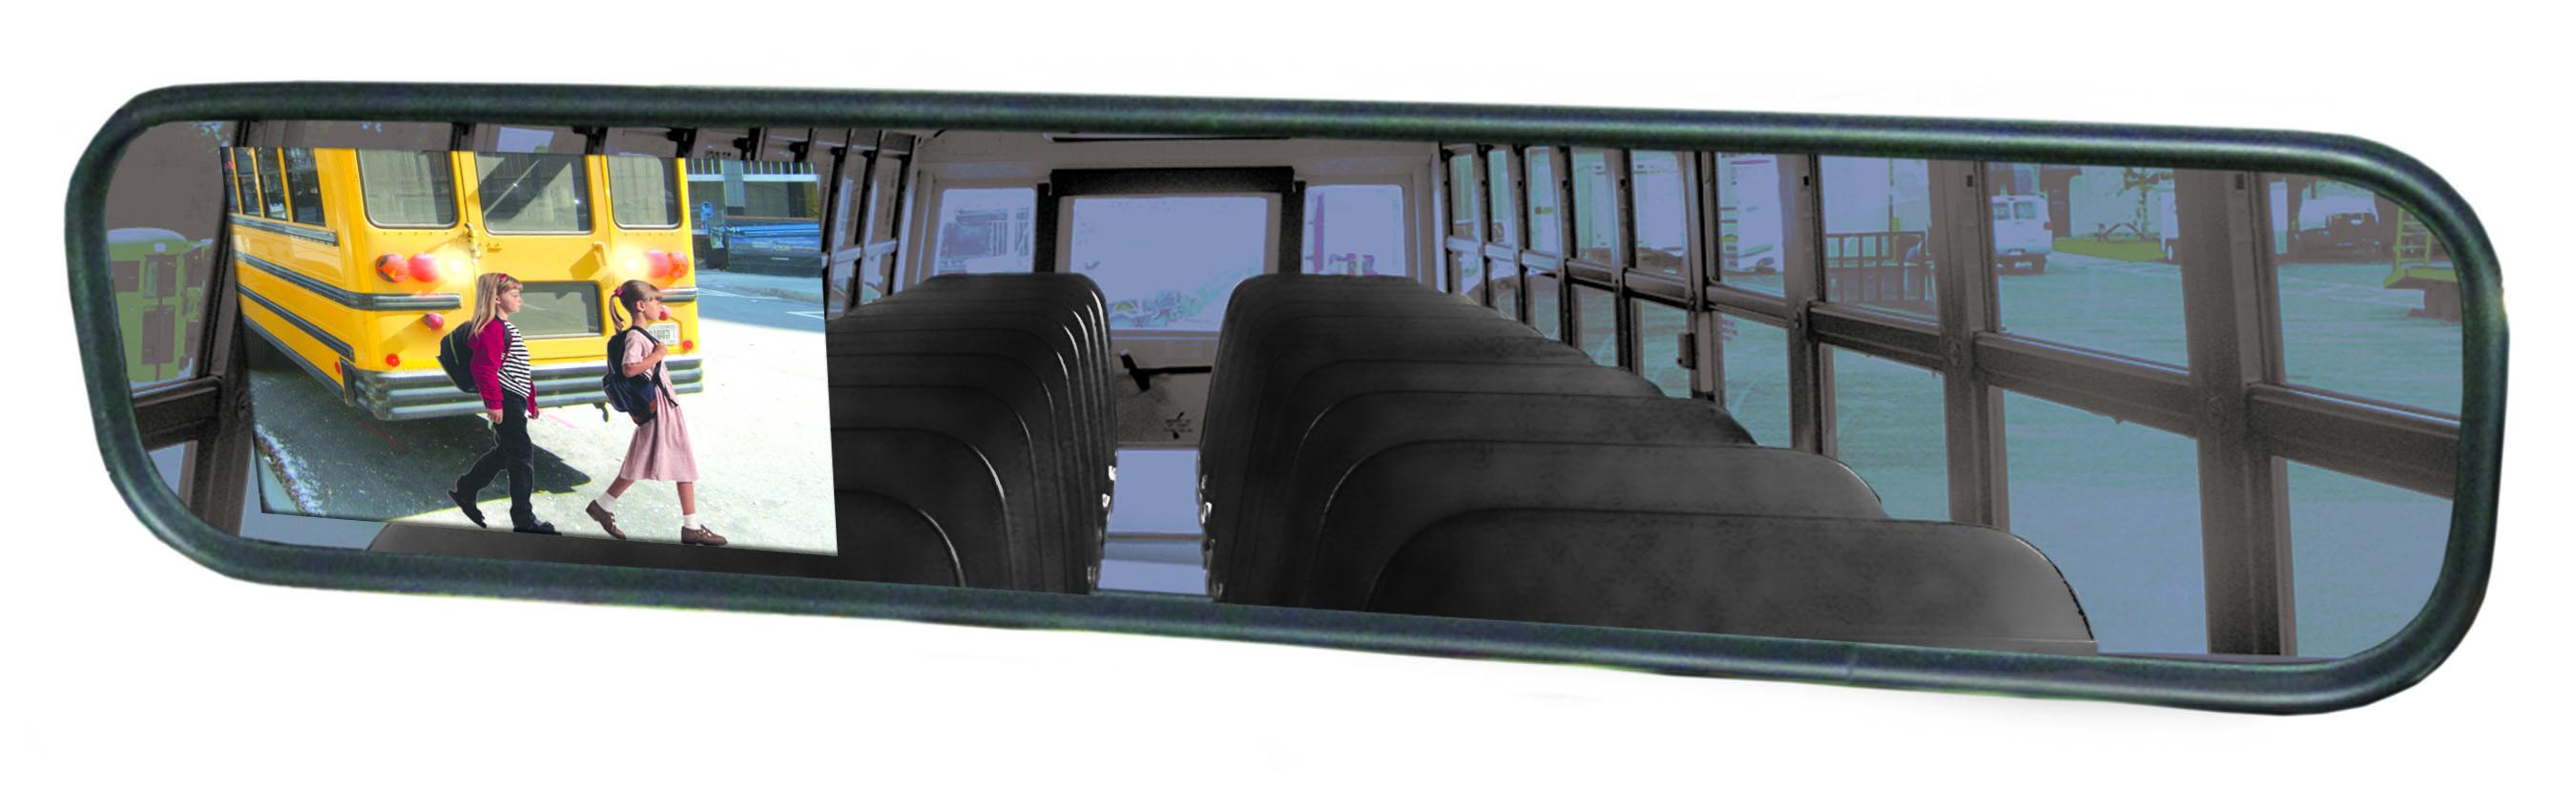 Smart Vision Rear View Mirror Monitor Backup Camera